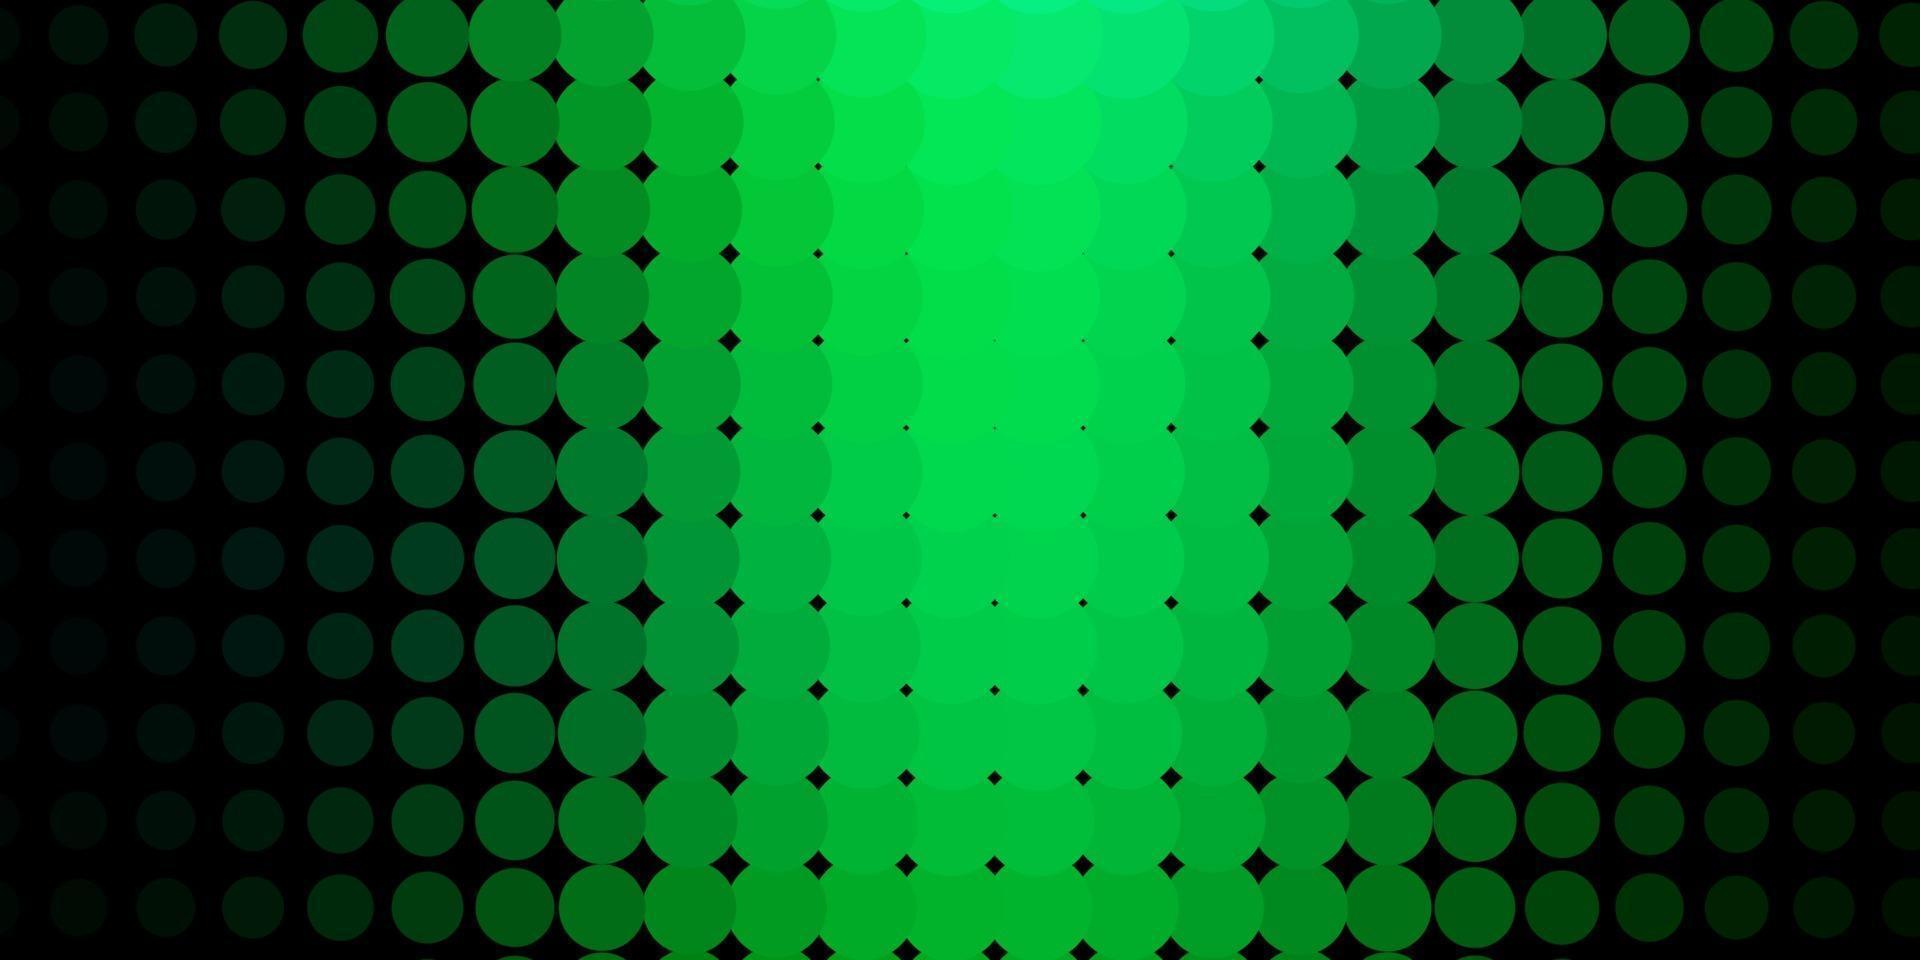 sfondo vettoriale azzurro, verde con cerchi.